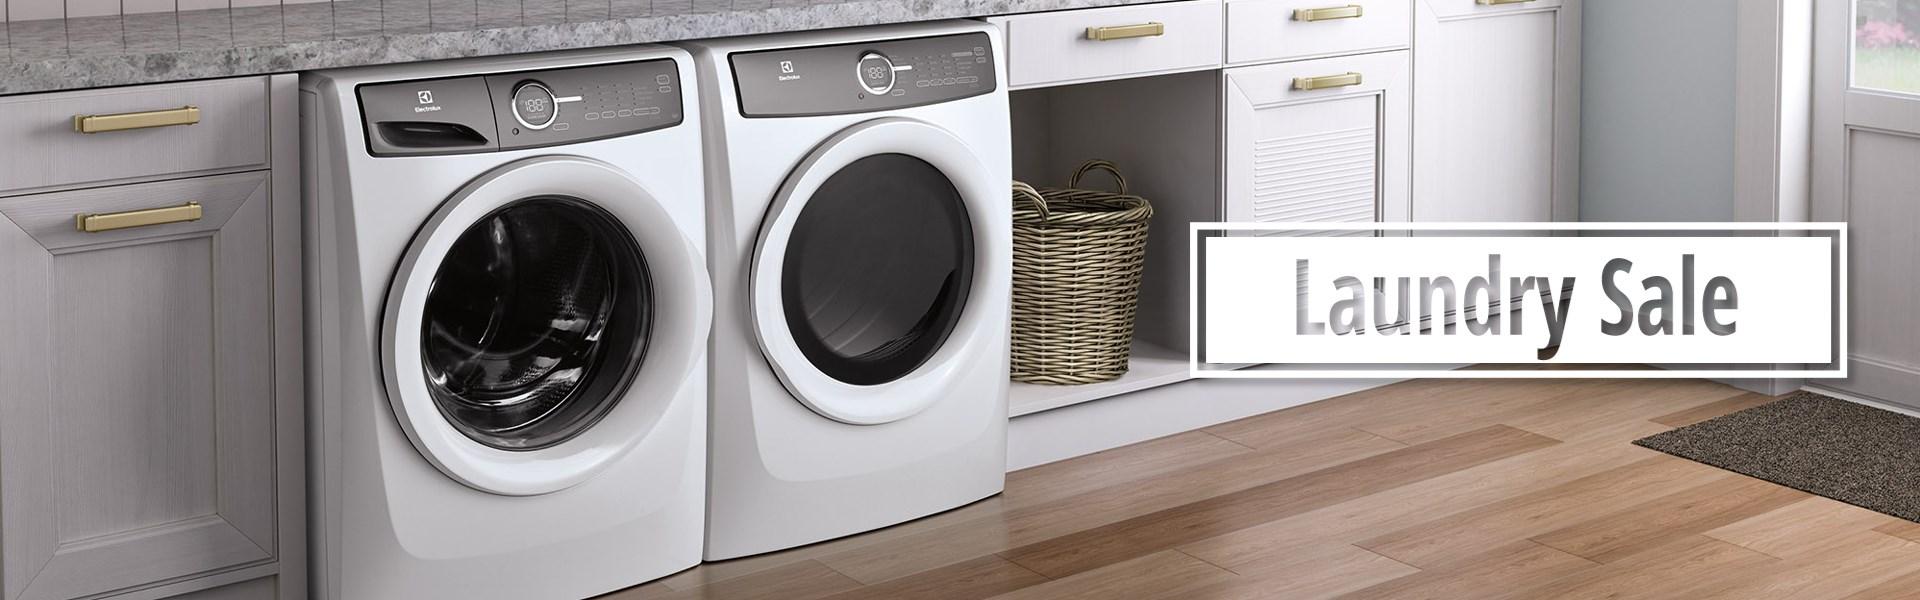 Laundry Sale